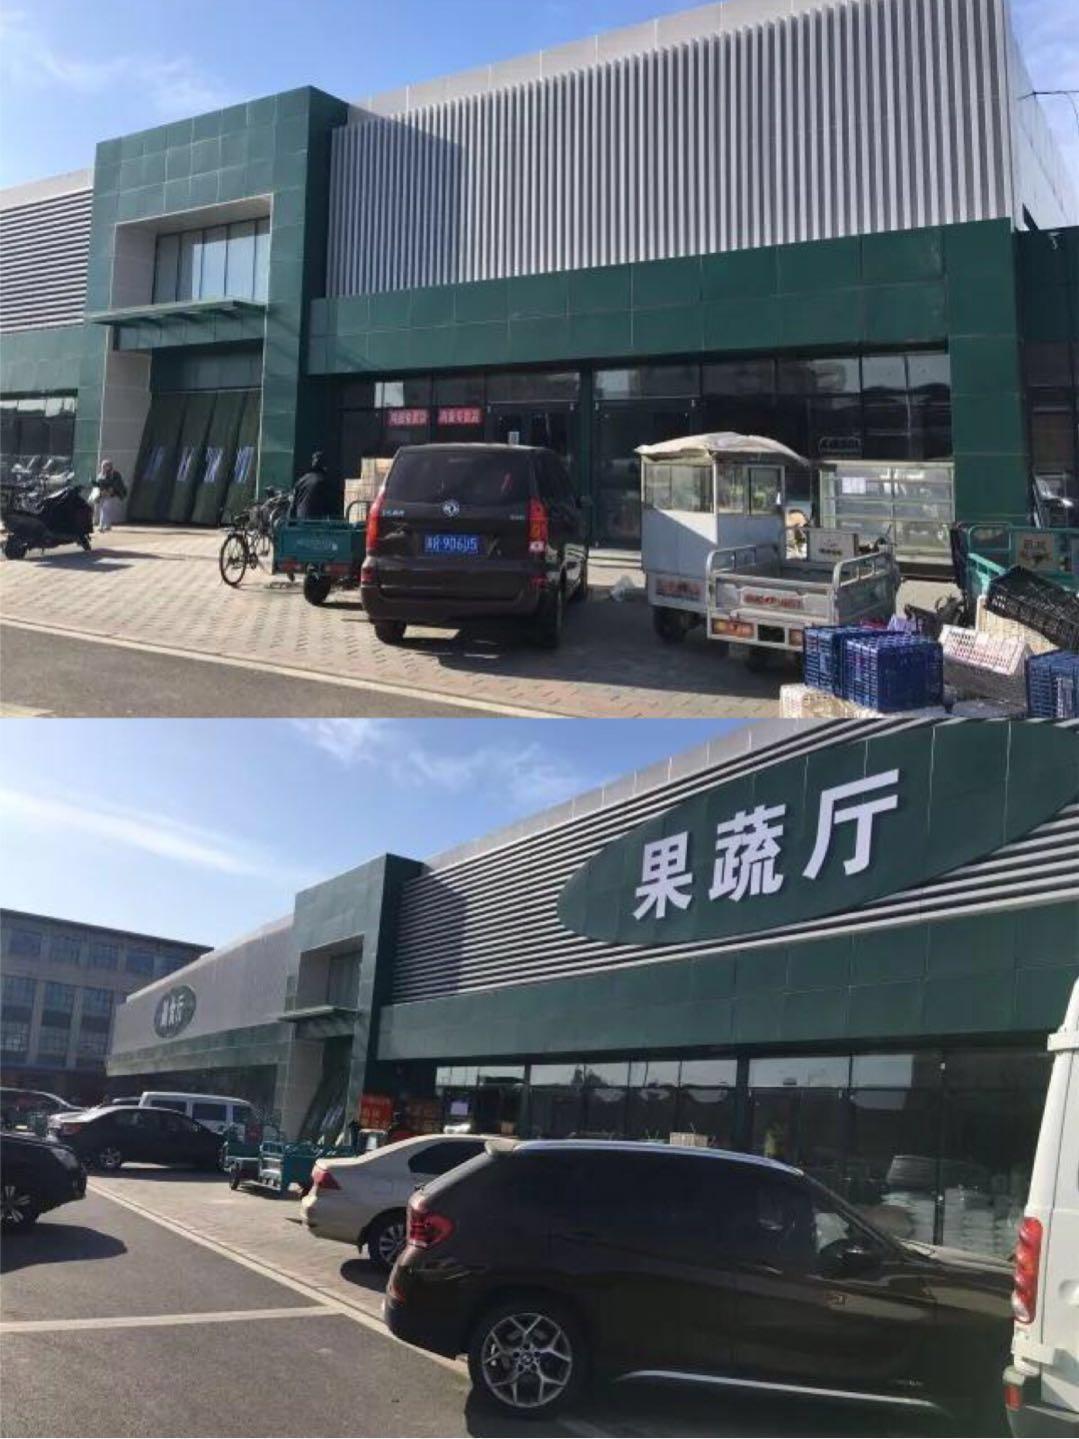 北京东潞苑农贸市场门头改造—一鸿市场研究中心